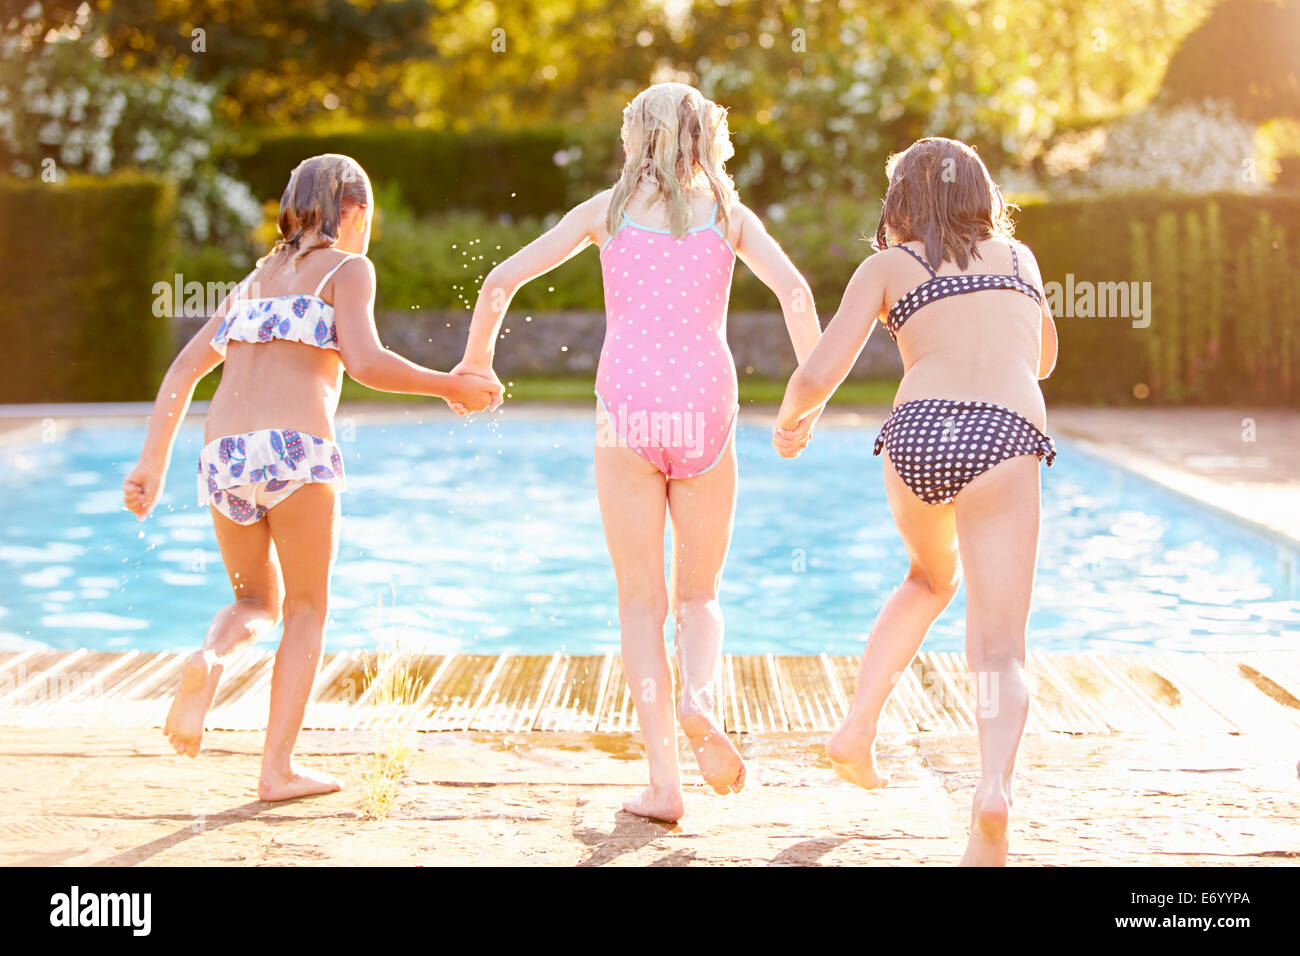 Un grupo de niñas saltando a Piscina Exterior Foto de stock